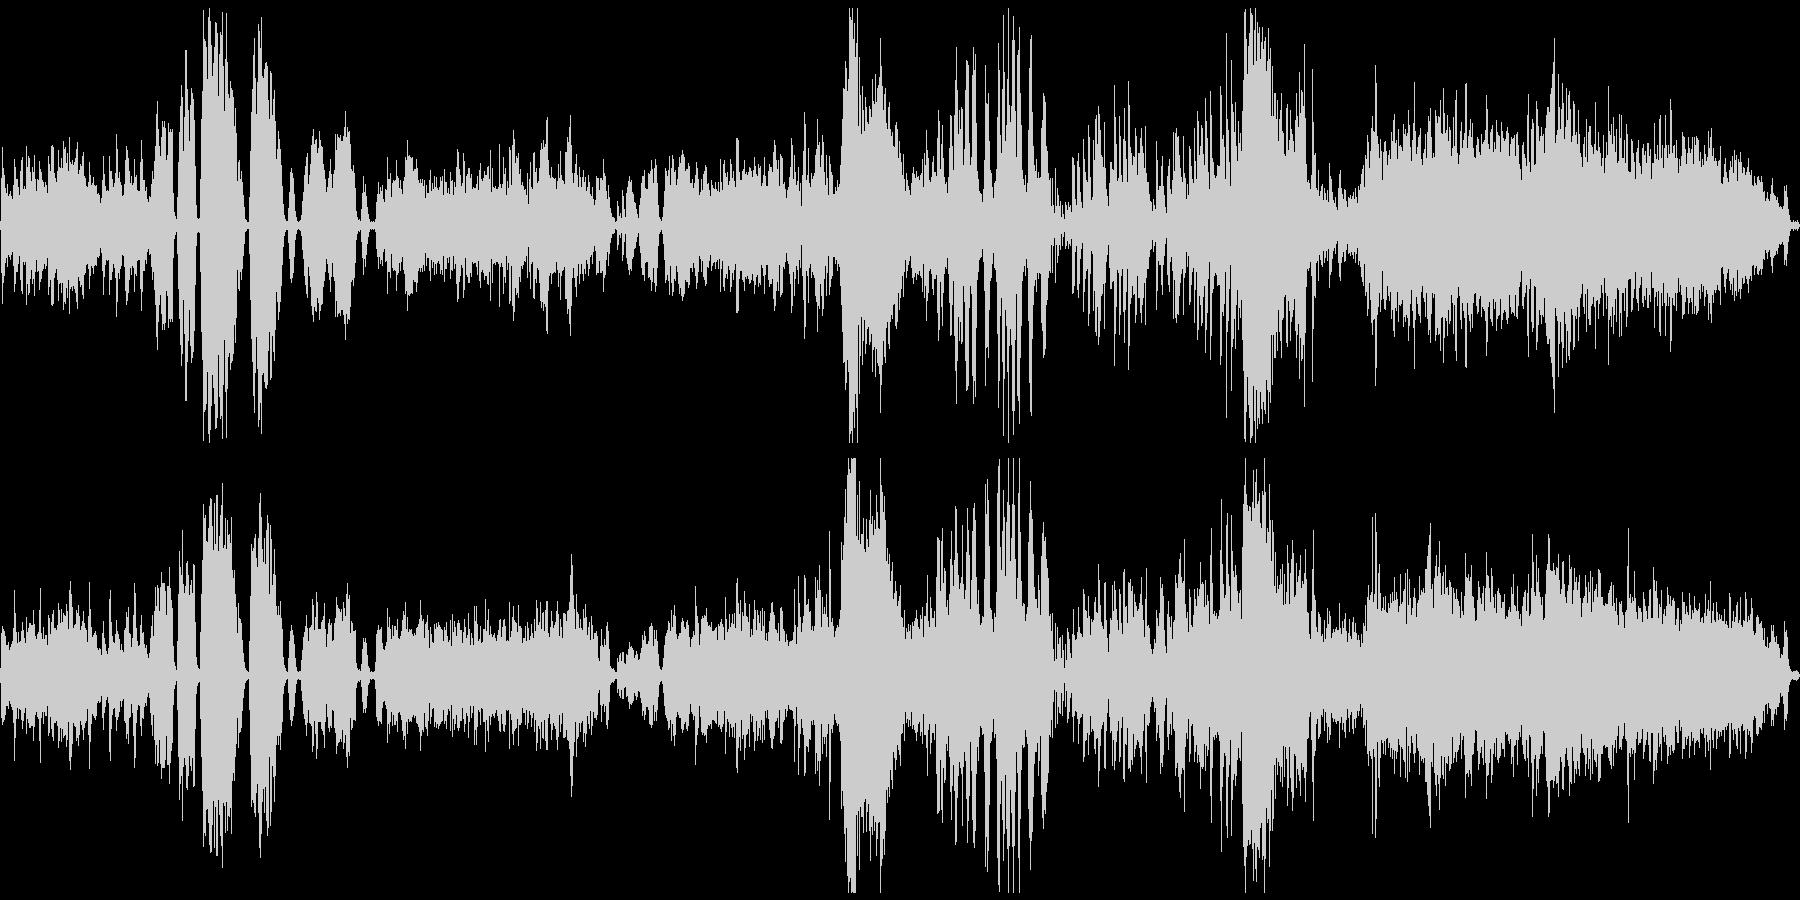 ベートーヴェン_ピアノ協奏曲第5番_皇帝の未再生の波形